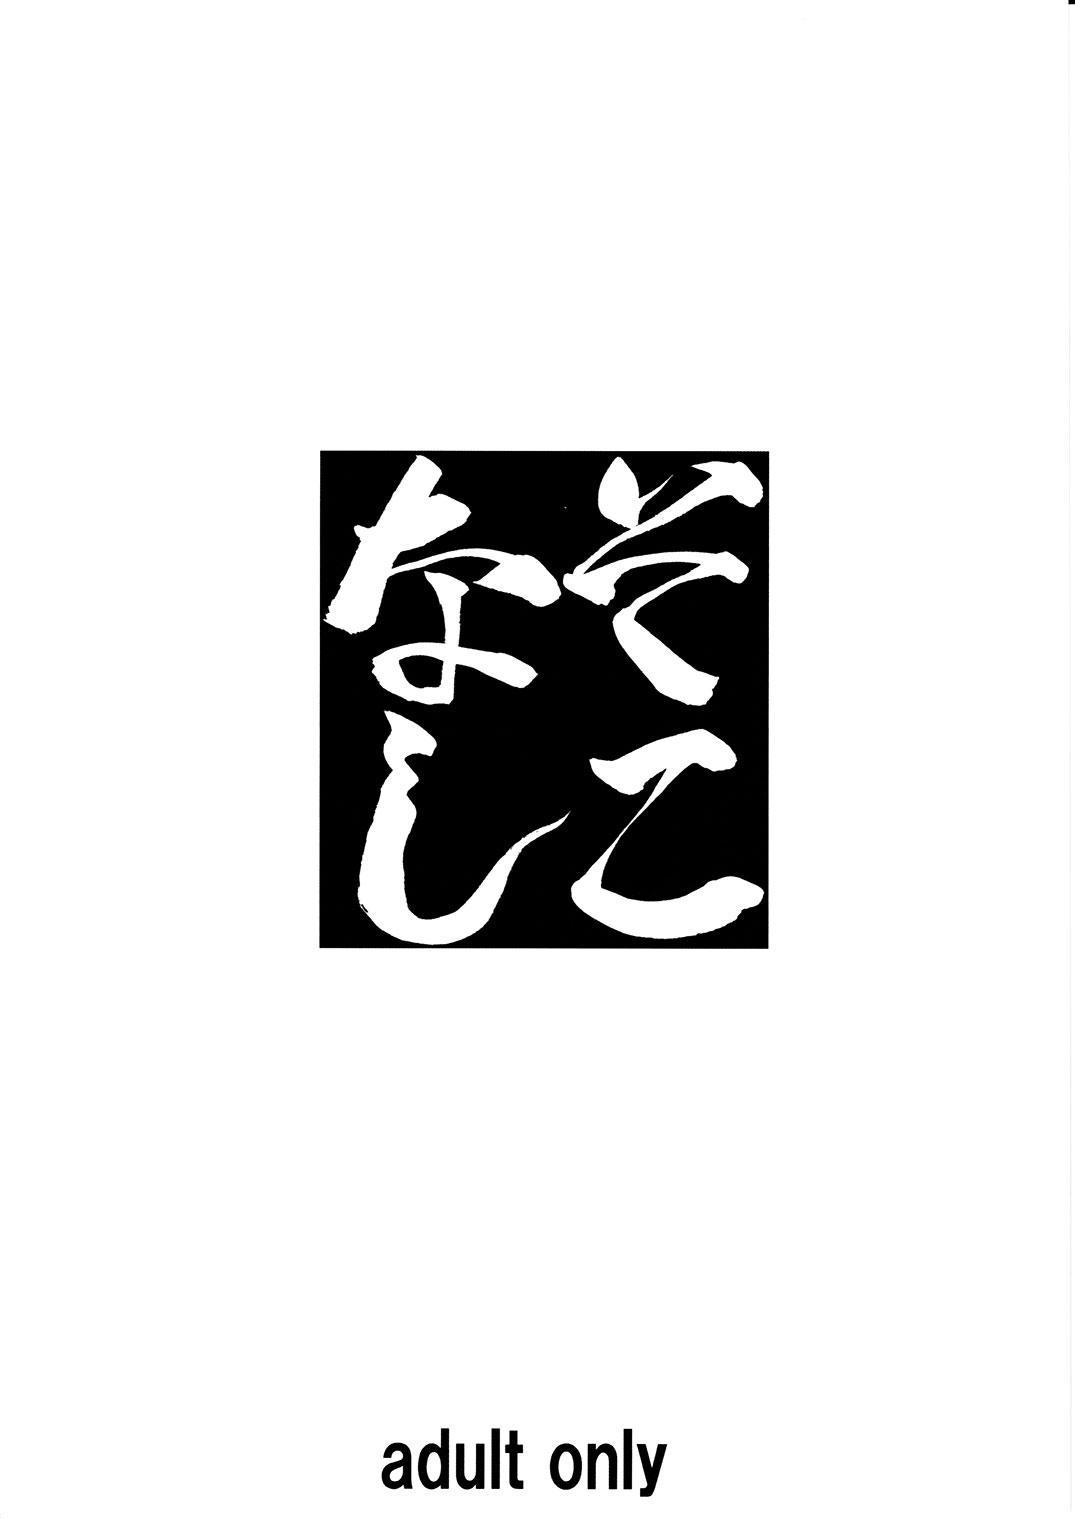 Sokonashi 21